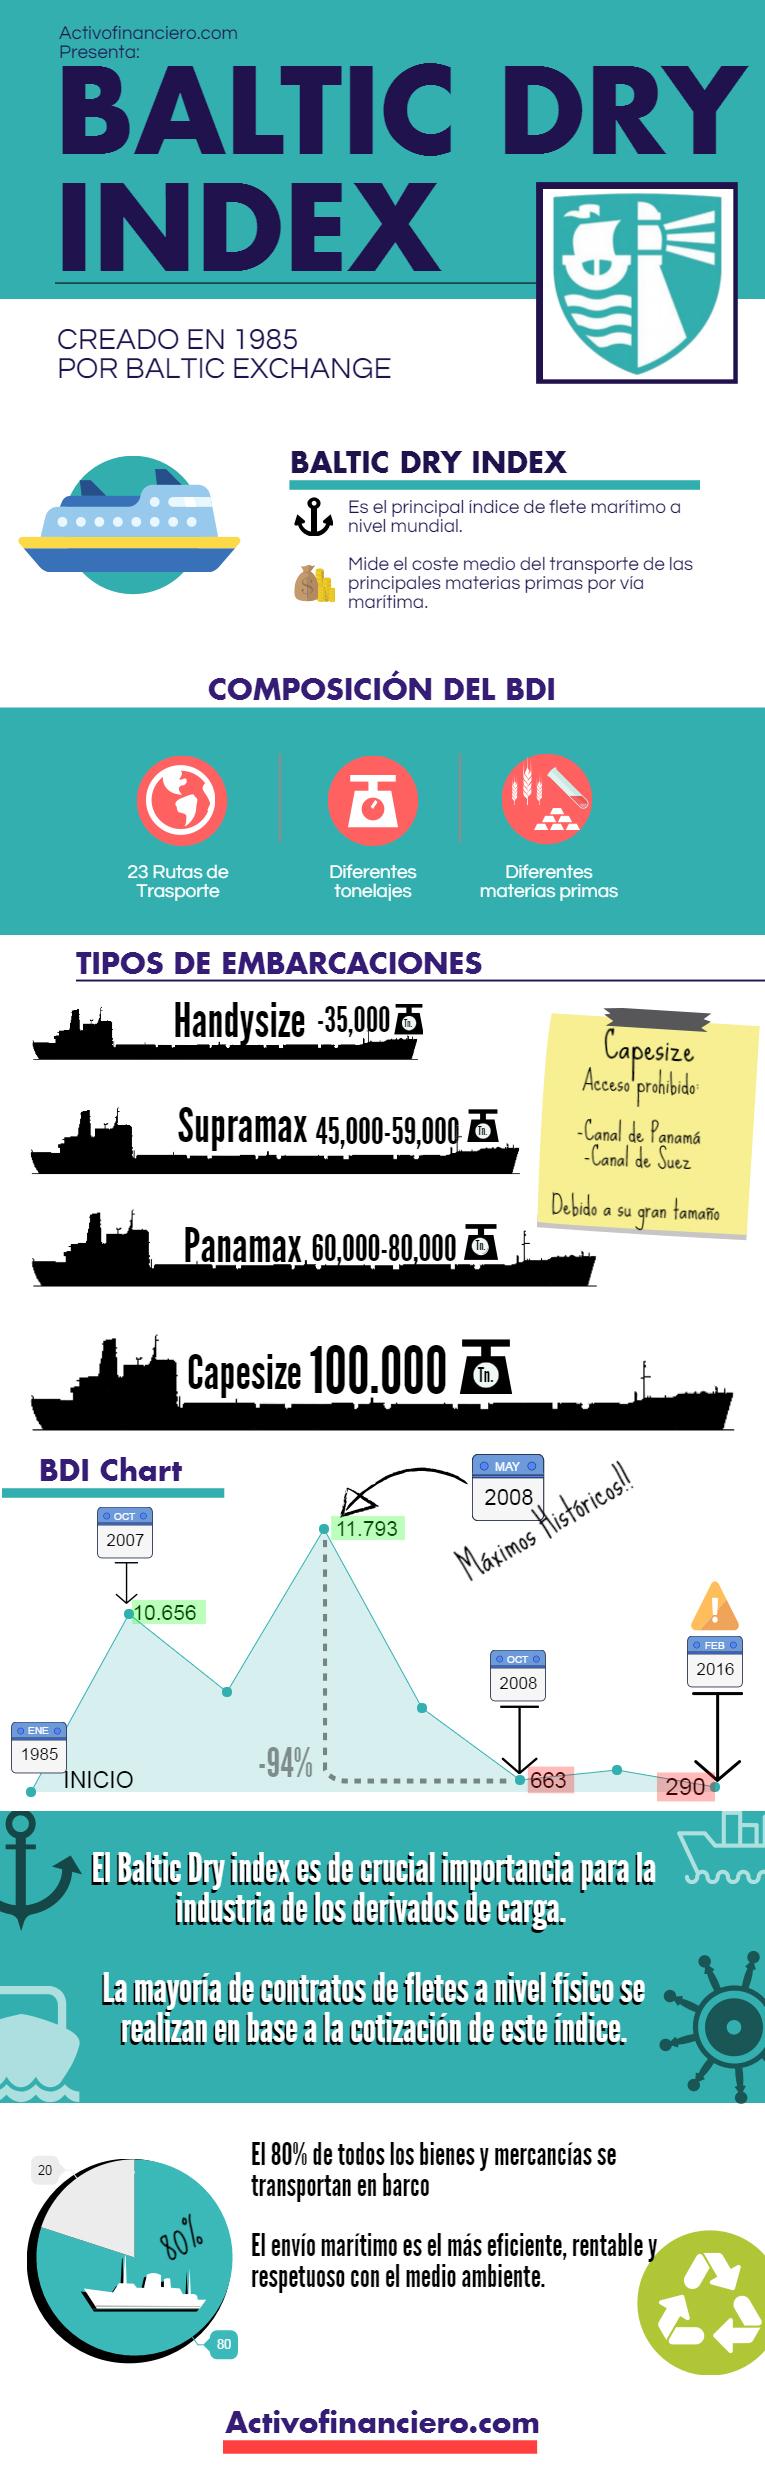 baltic dry index infografía buena